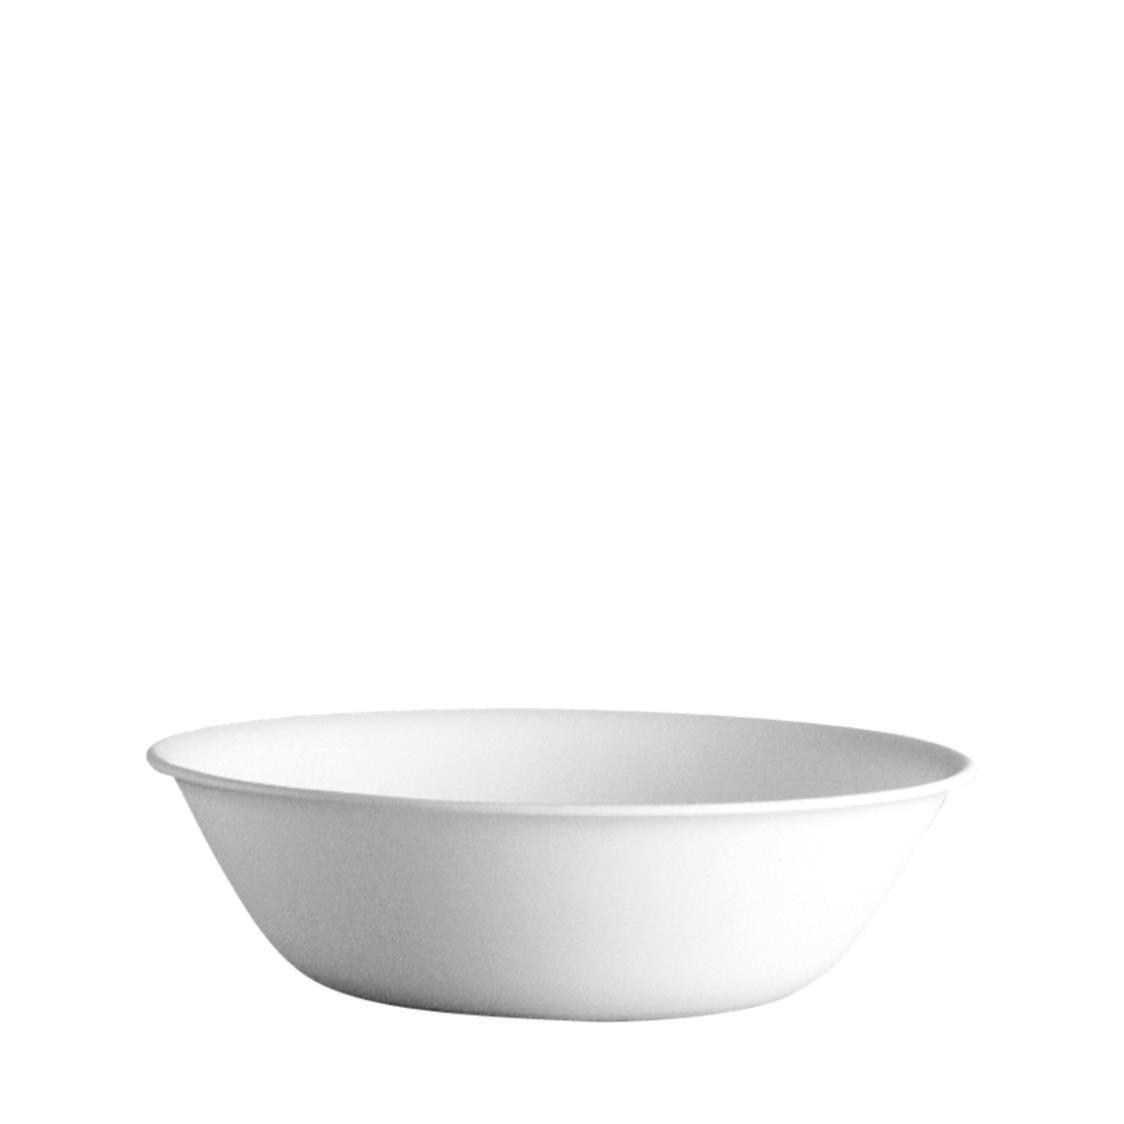 Corelle 1L Serving Bowl Winter Frost White